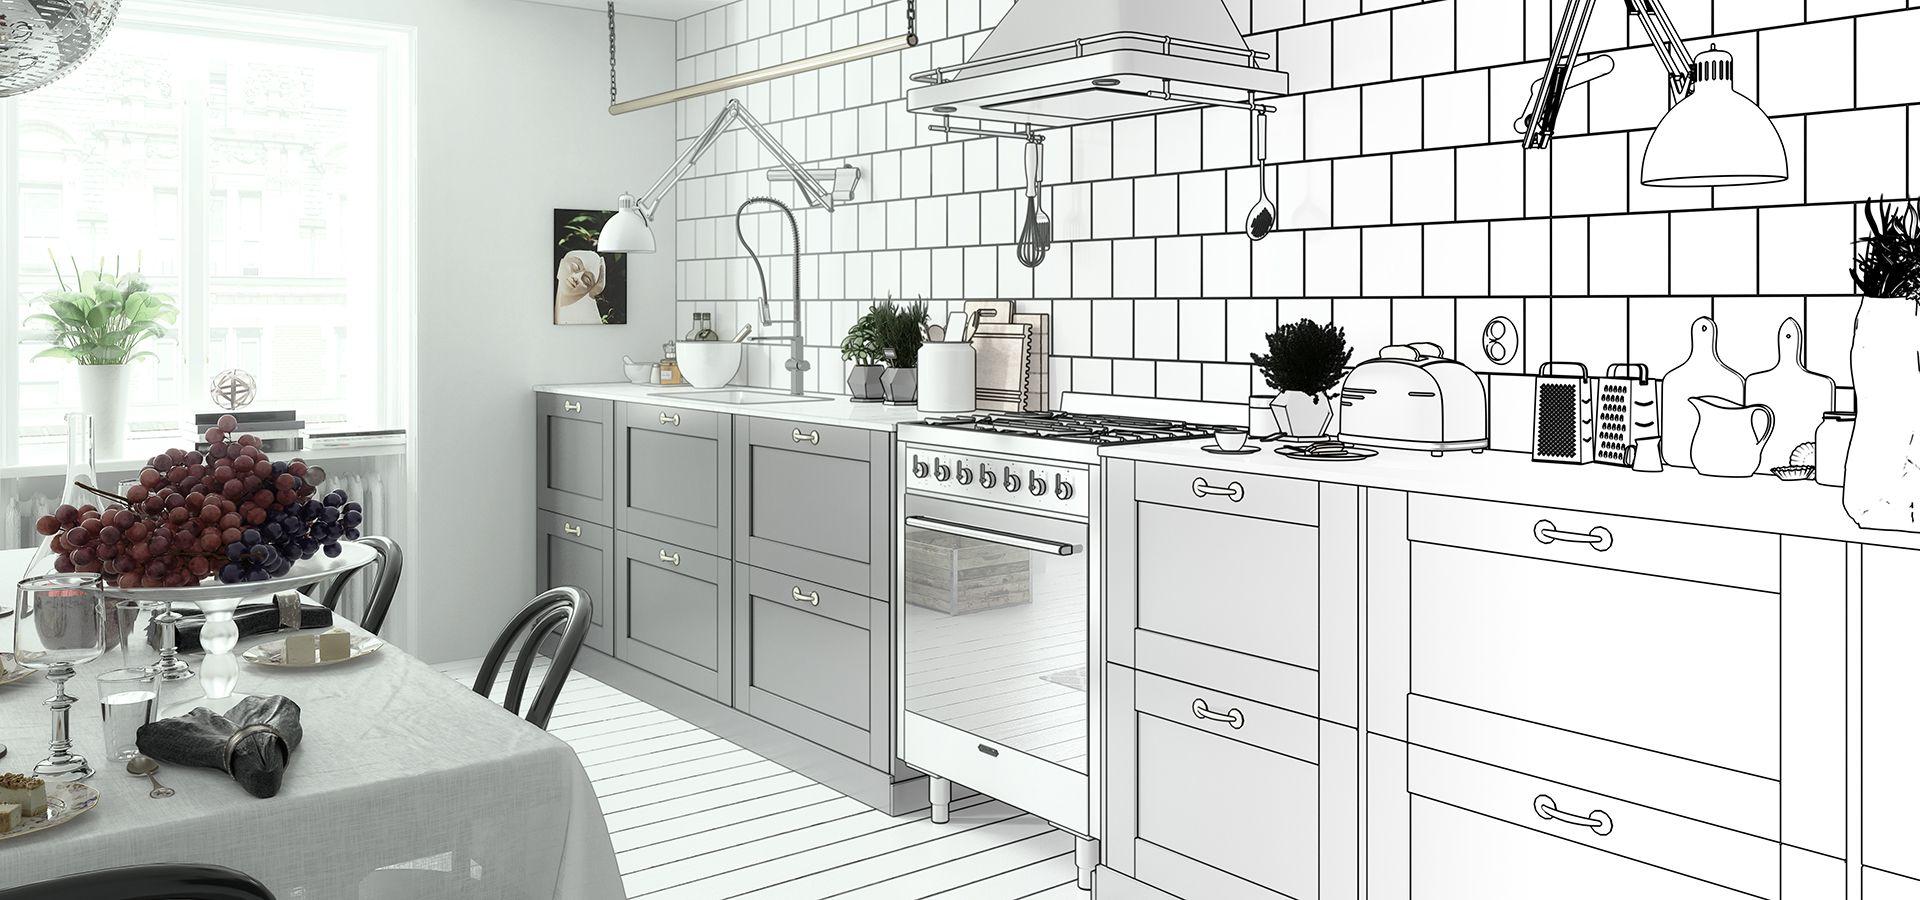 Küchenplaner & Konfigurator: Küche online selber planen in 20D in